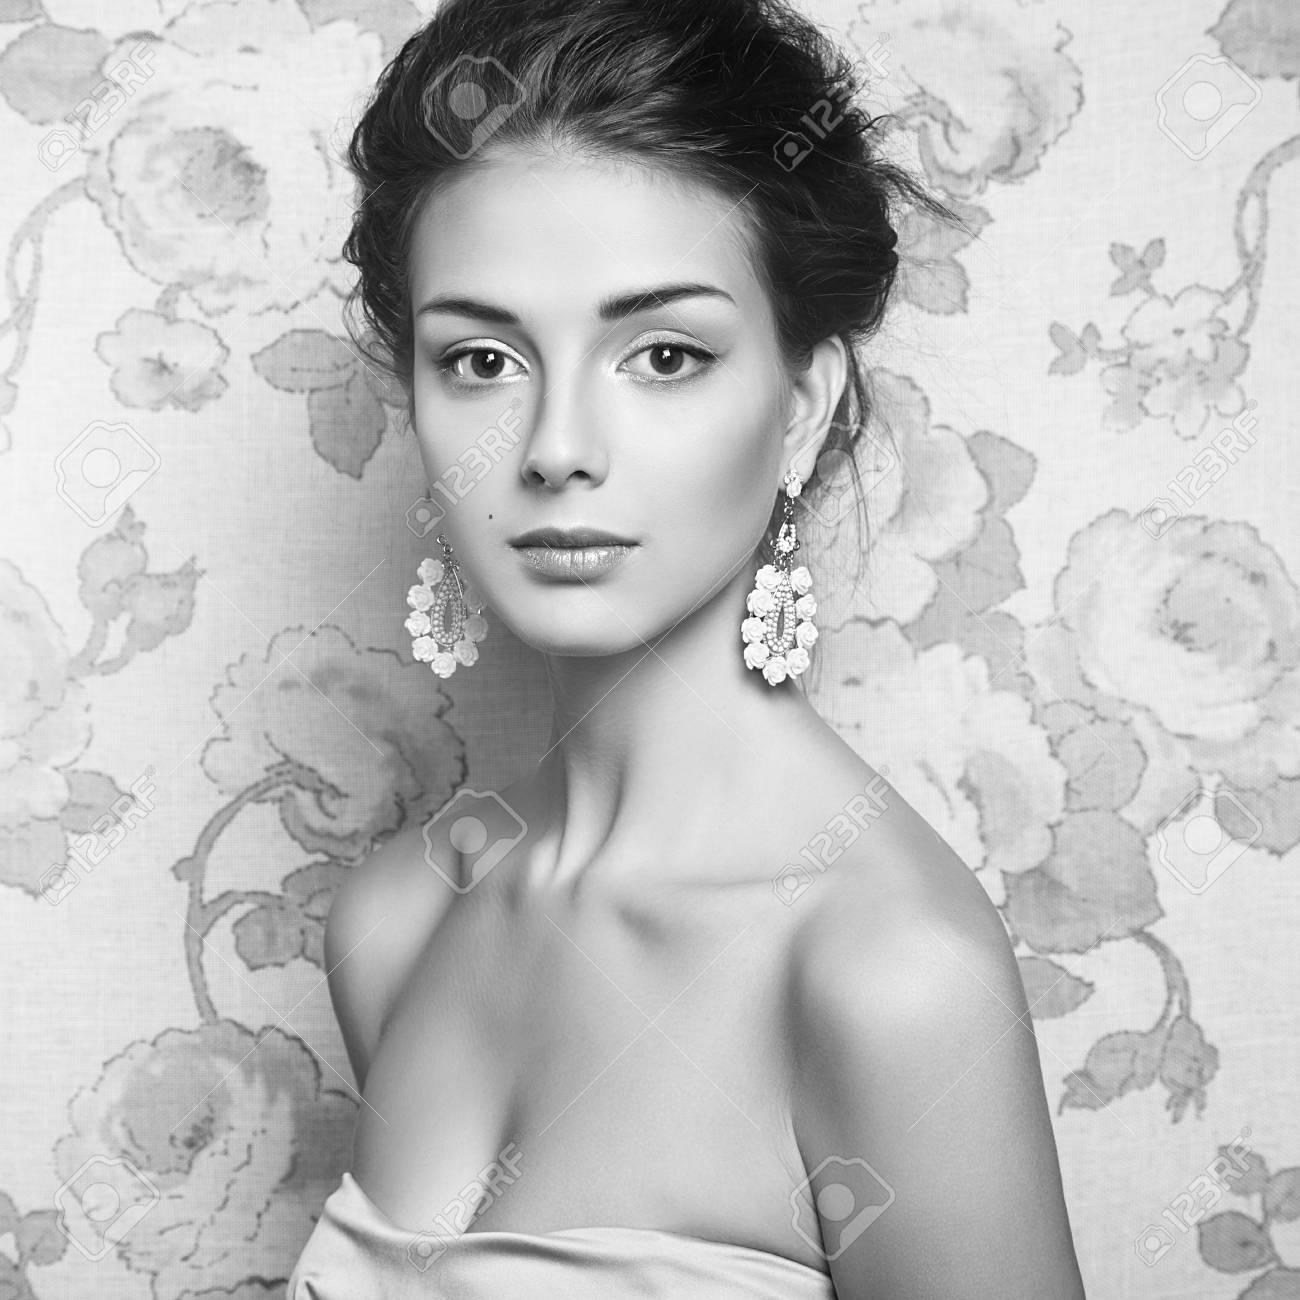 Retrato En Blanco Y Negro De Modelo De Mujer Hermosa Con Maquillaje Fresco Y El Peinado Romántico Chica De Belleza Con Maquillaje Profesional